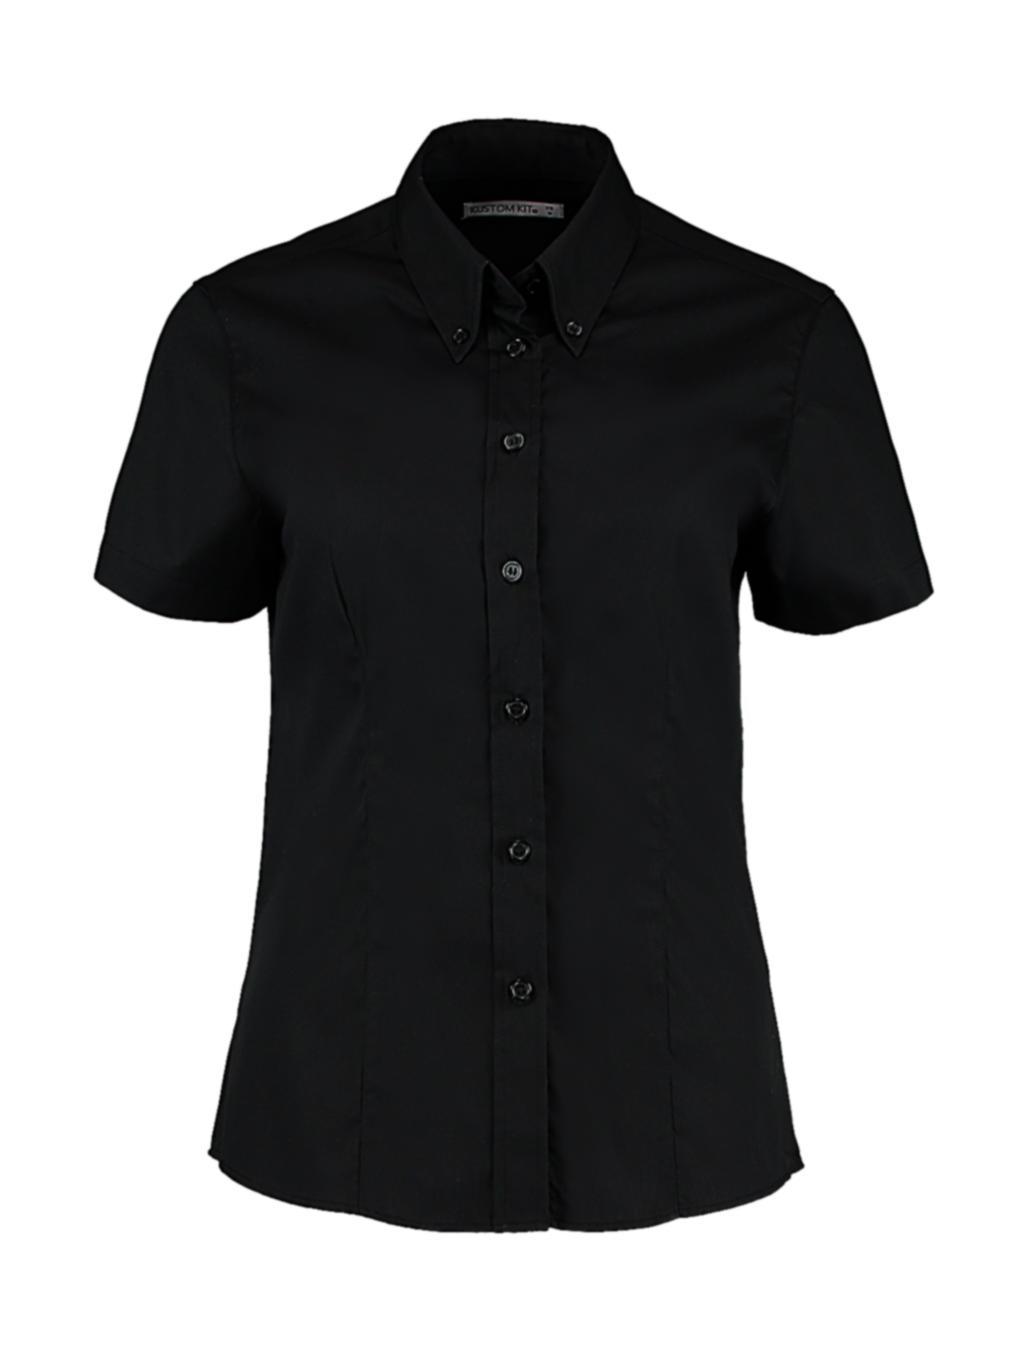 Dámská košile Premium Oxford Tailored fit s kr. P/  - zvìtšit obrázek